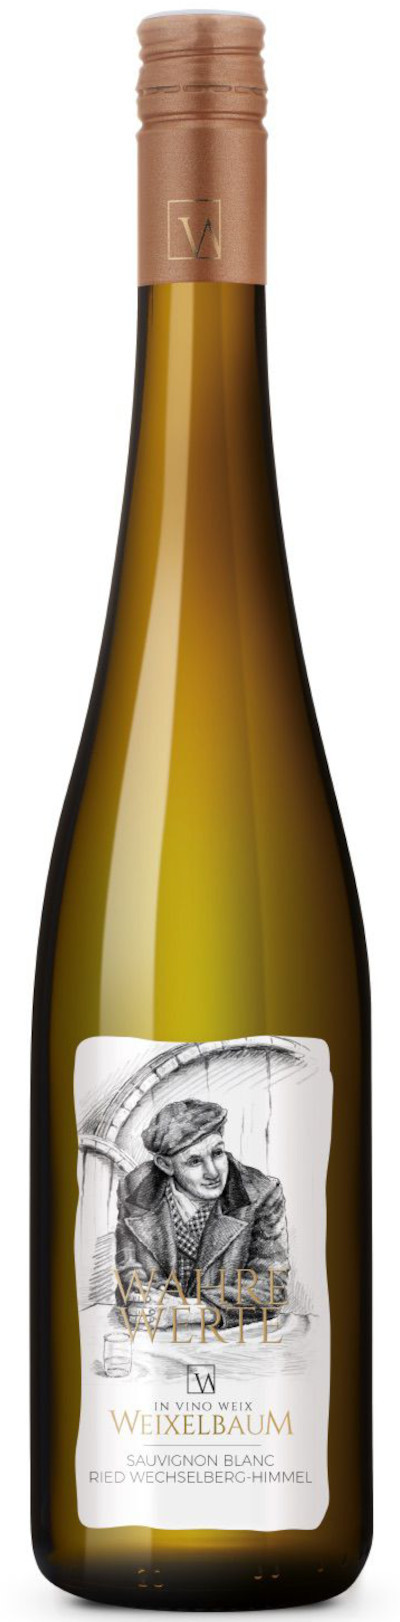 Weixelbaum - Sauvignon Blanc Ried Wechselberg-Himmel Wahre Werte